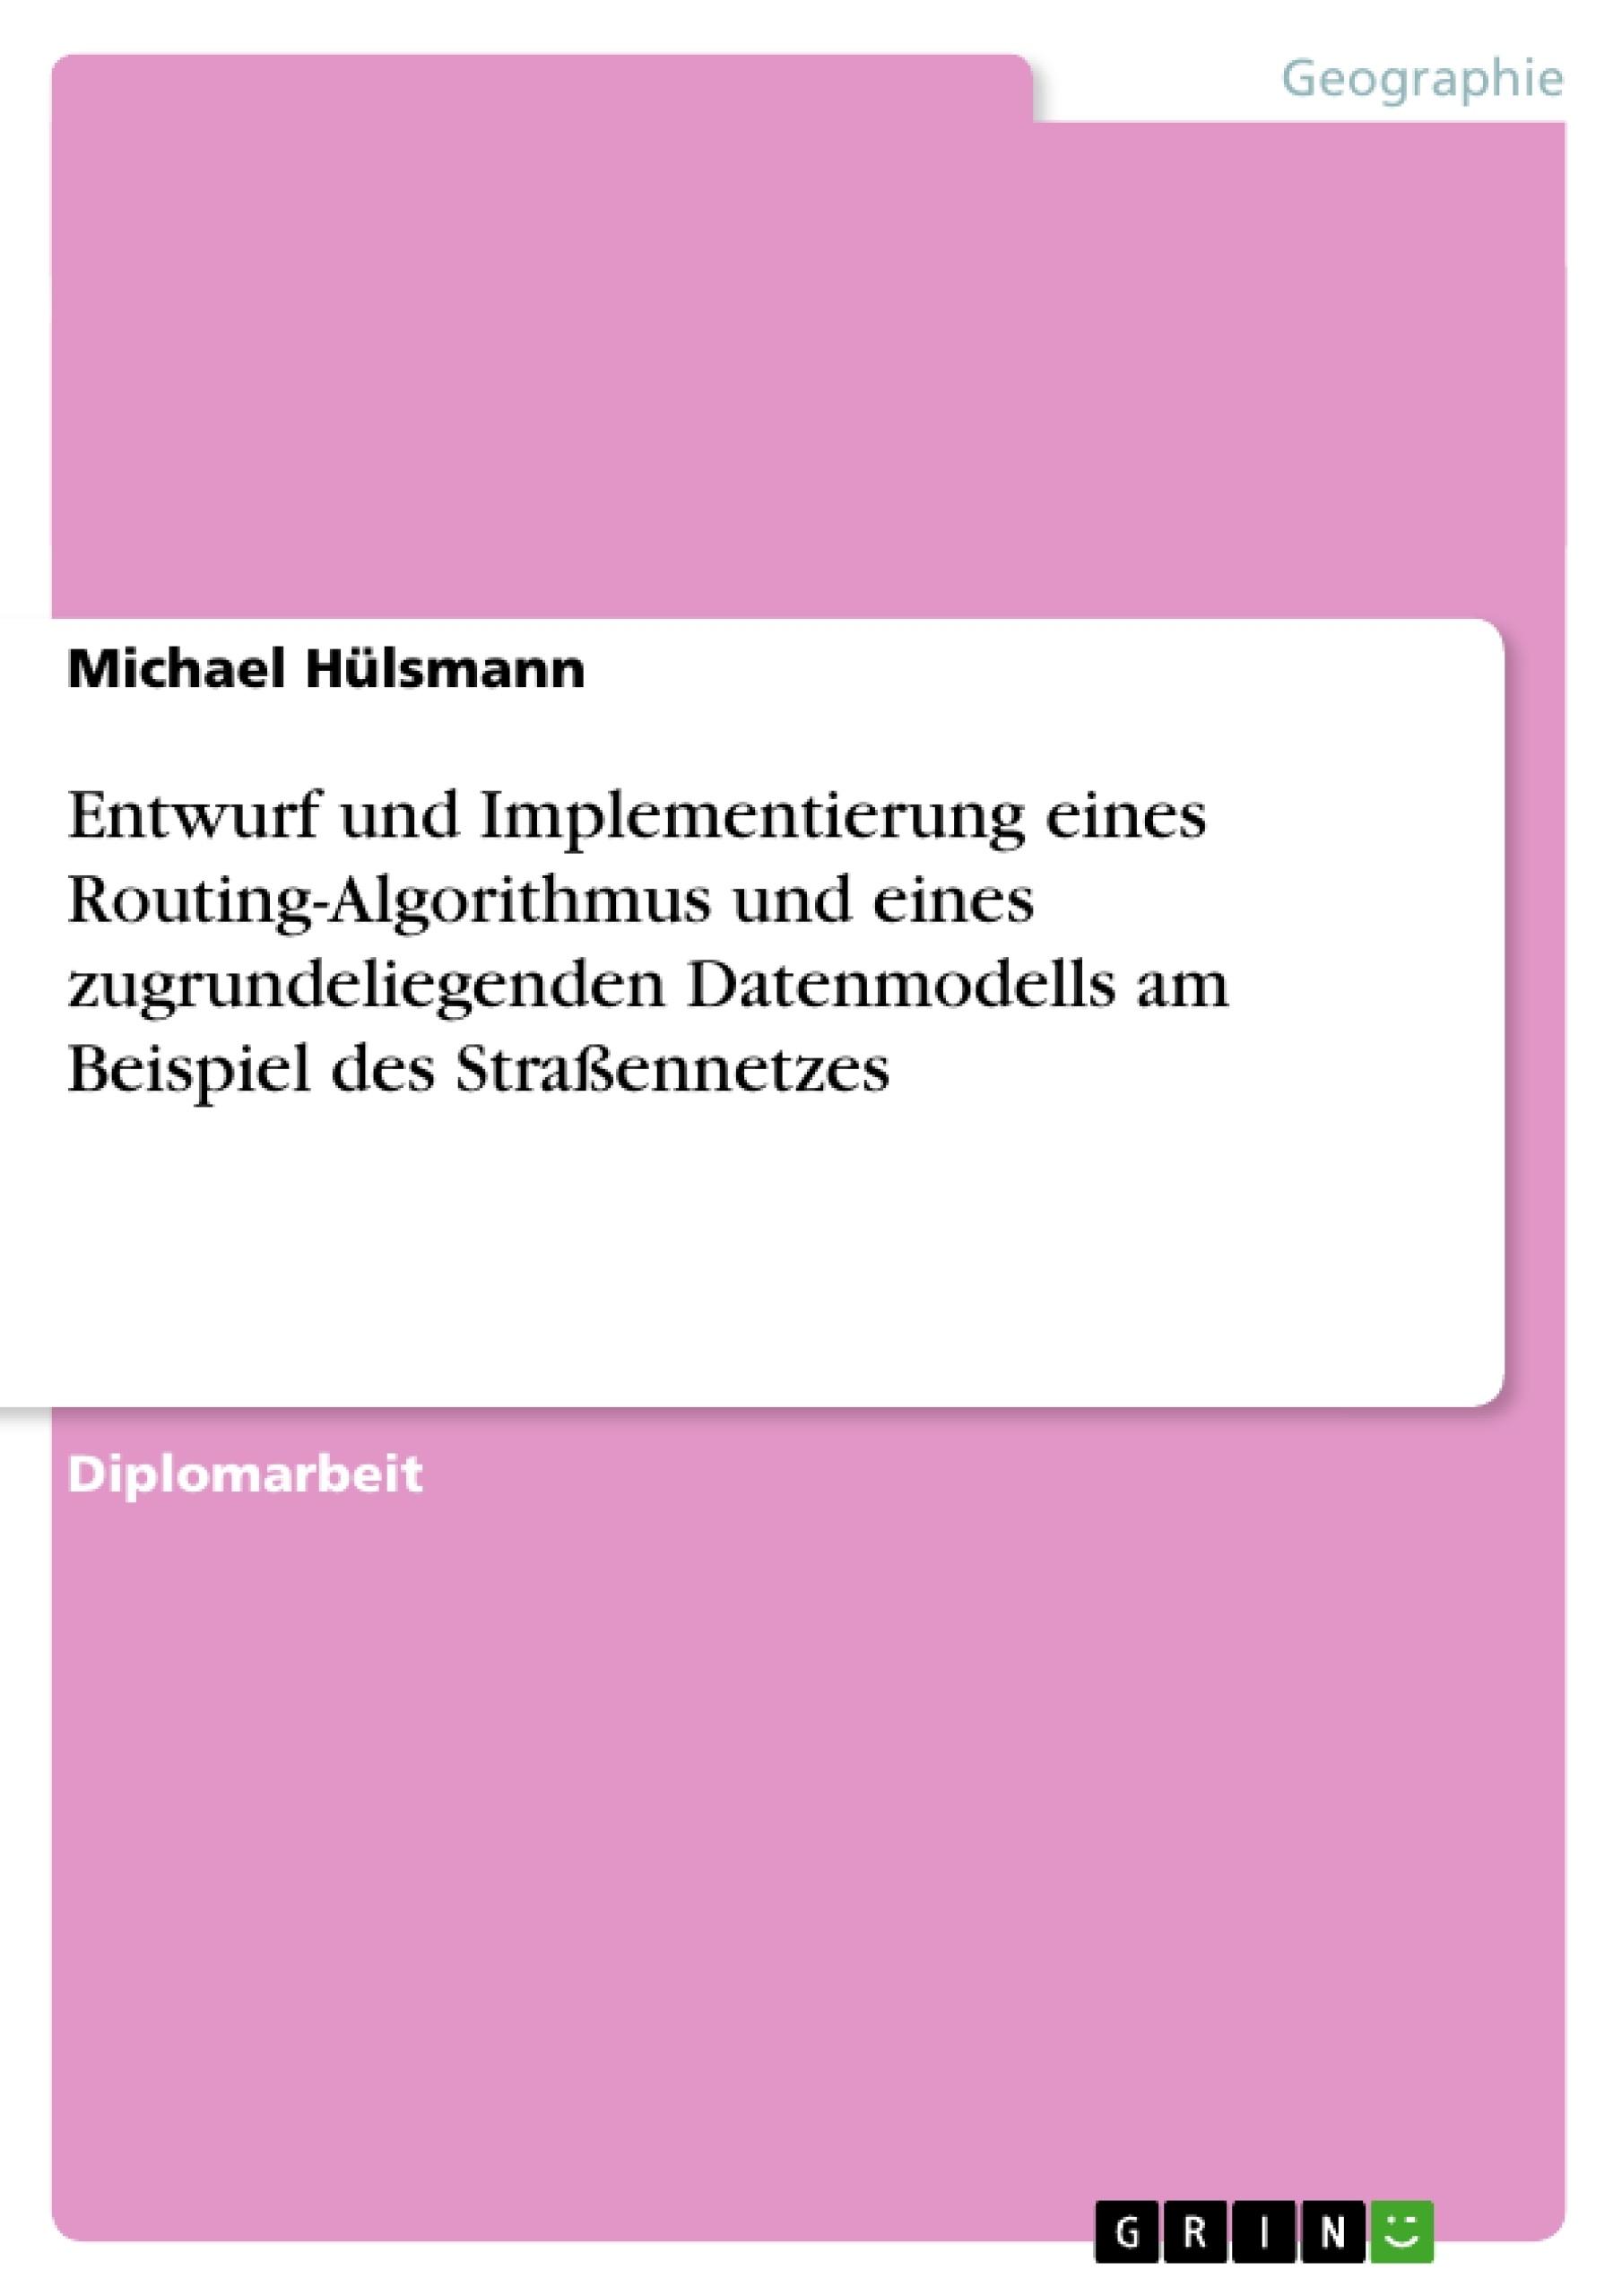 Titel: Entwurf und Implementierung eines Routing-Algorithmus und eines zugrundeliegenden Datenmodells am Beispiel des Straßennetzes